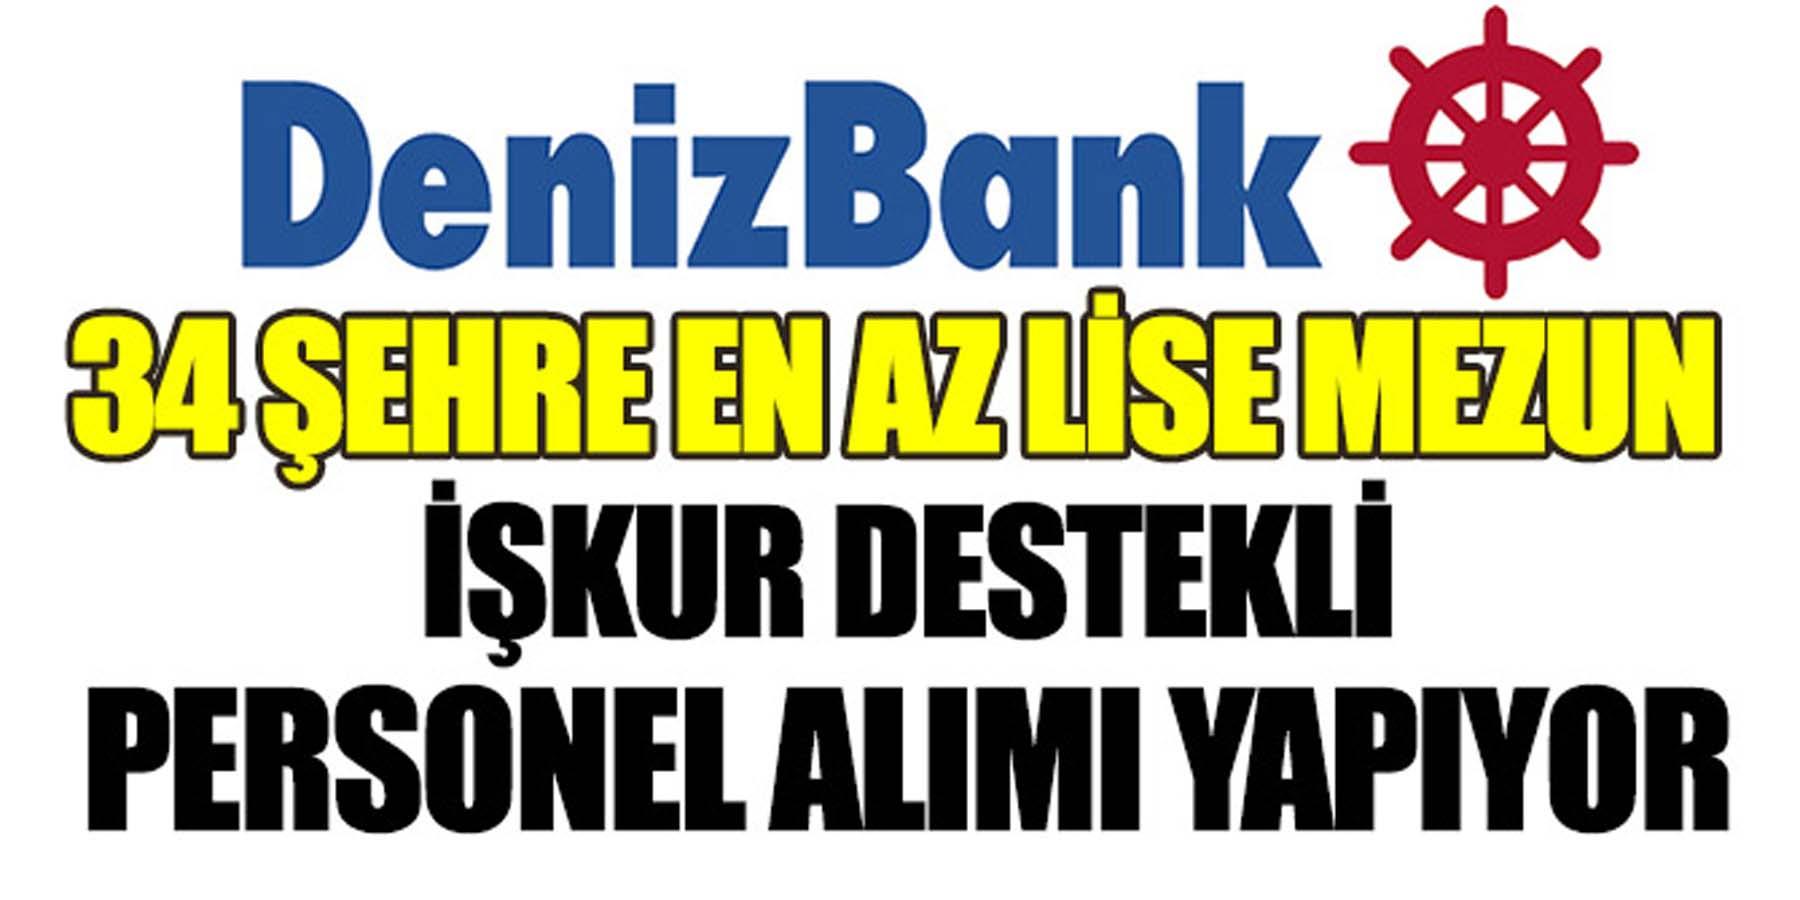 İŞKUR Denizbank'a 34 Şehre En Az Lise Mezunu Personel Alımı Yapıyor